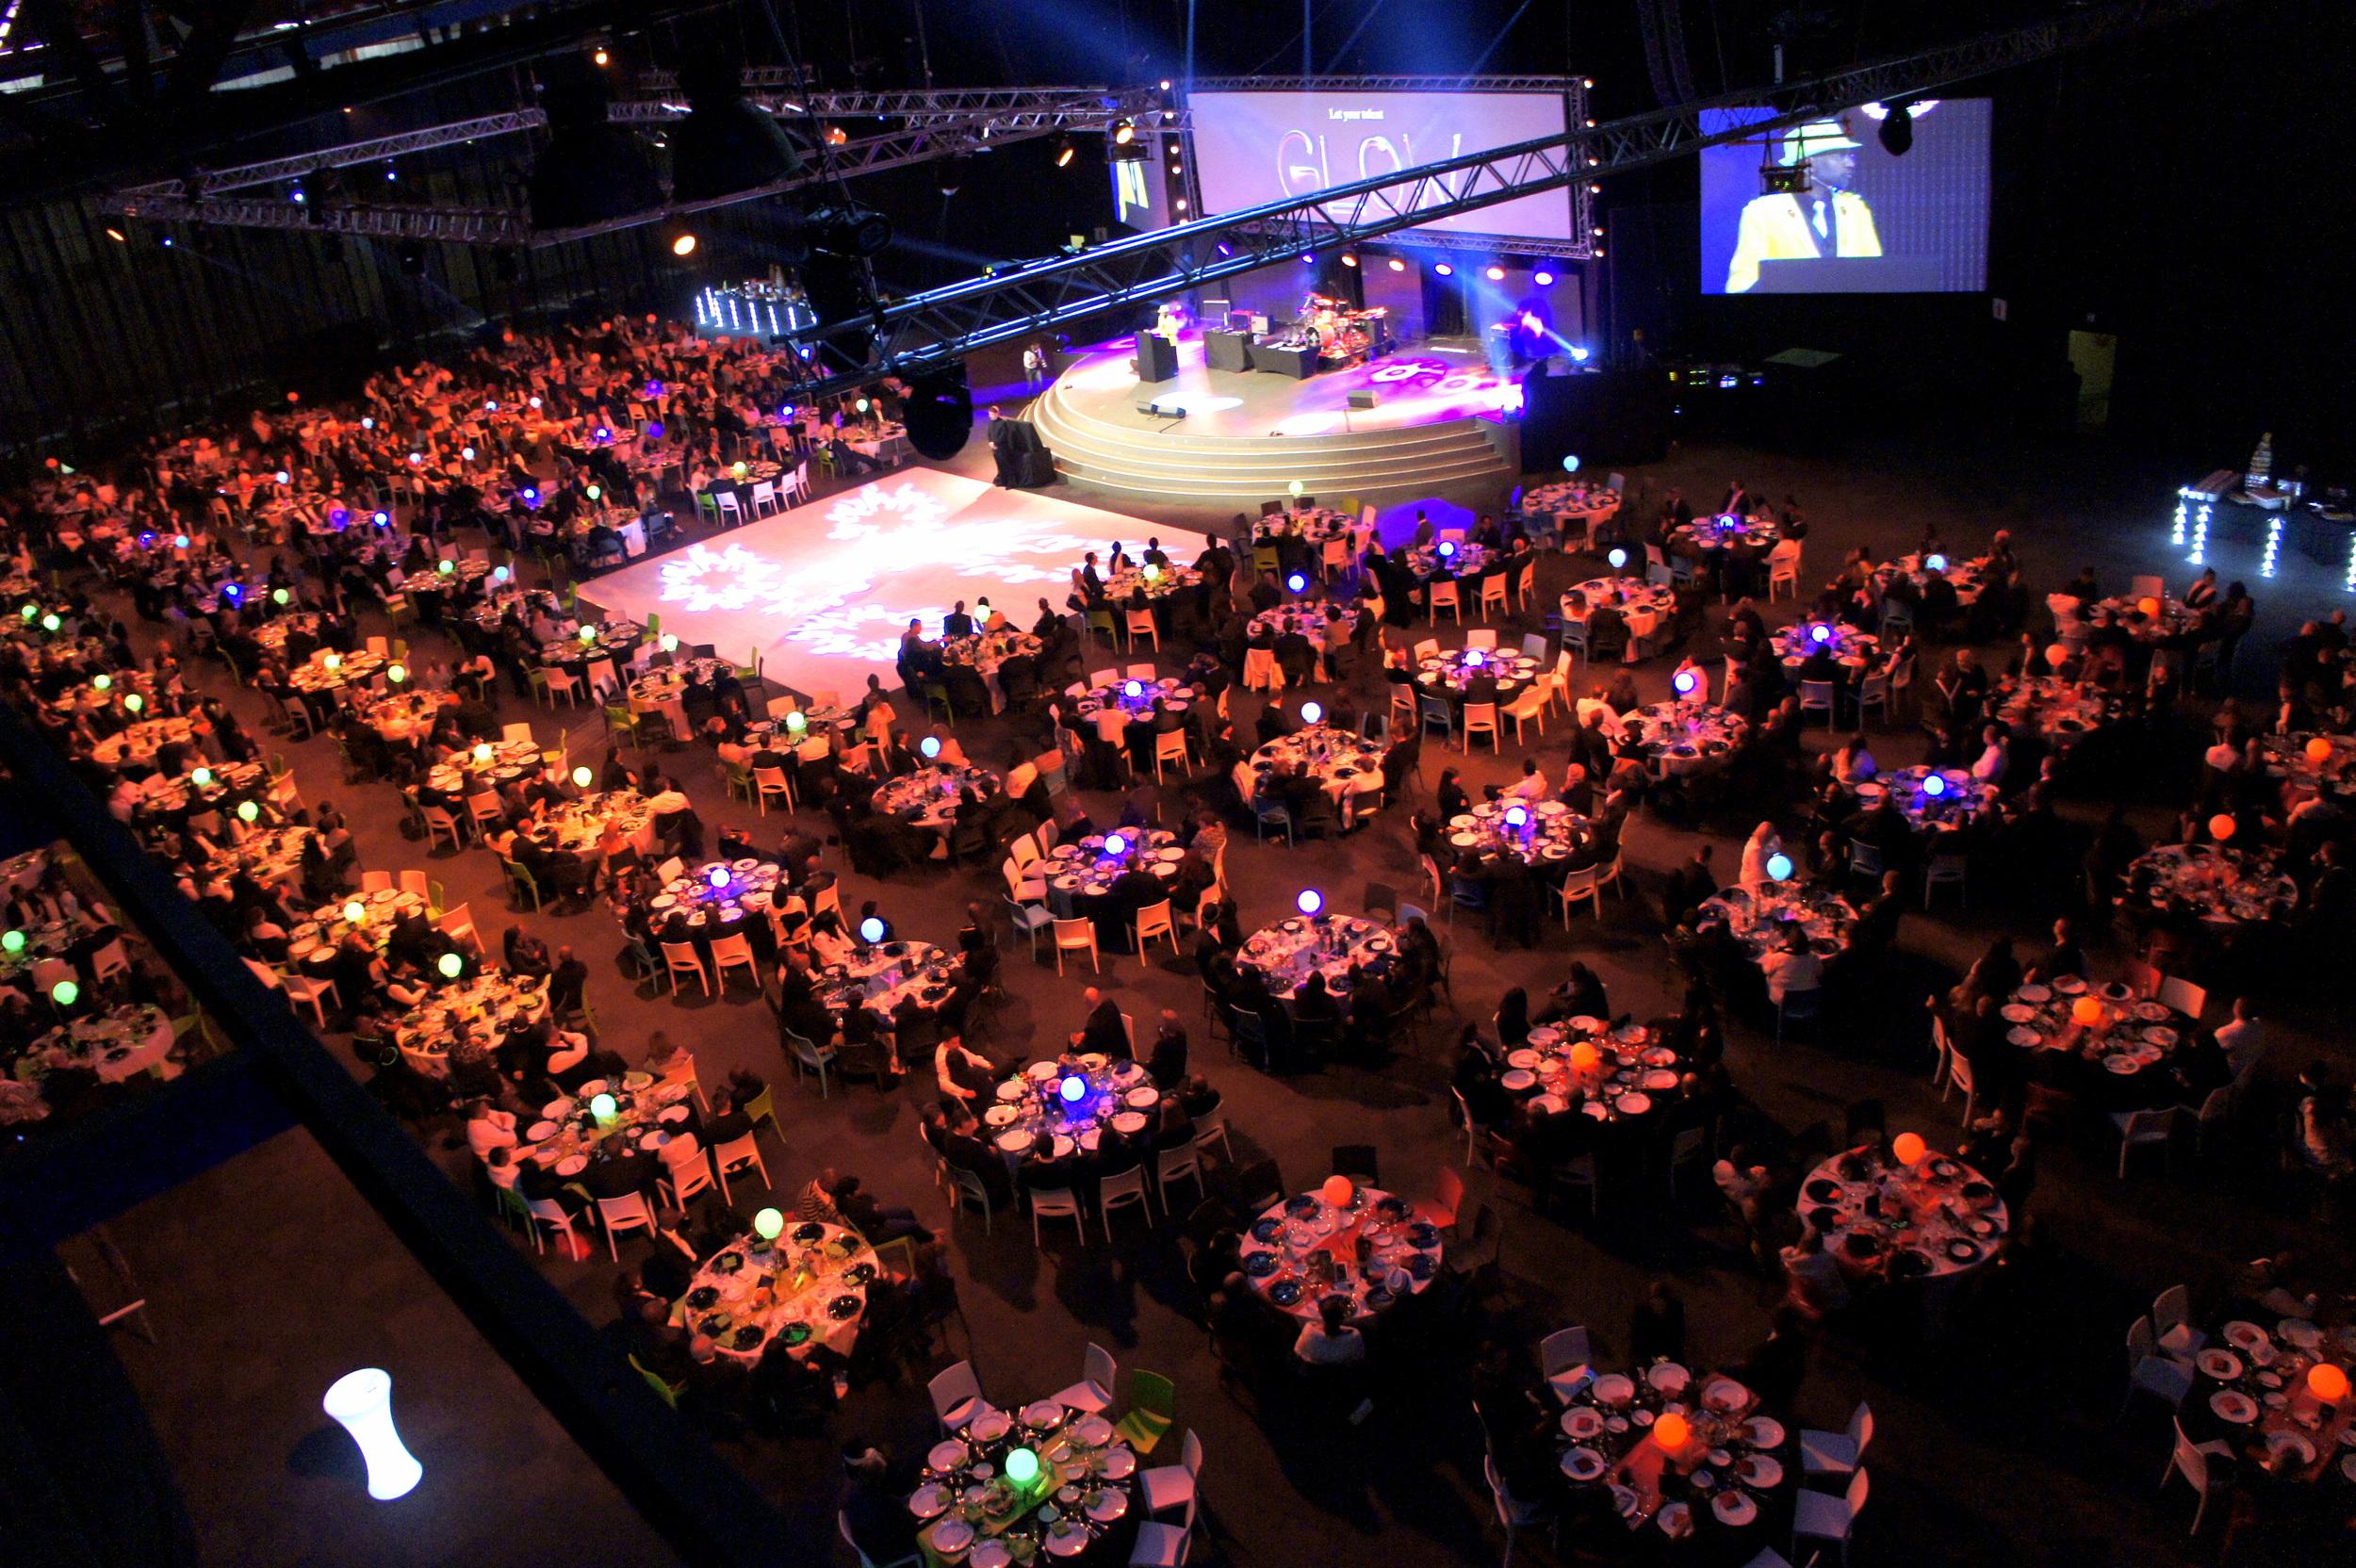 Showcase event venue